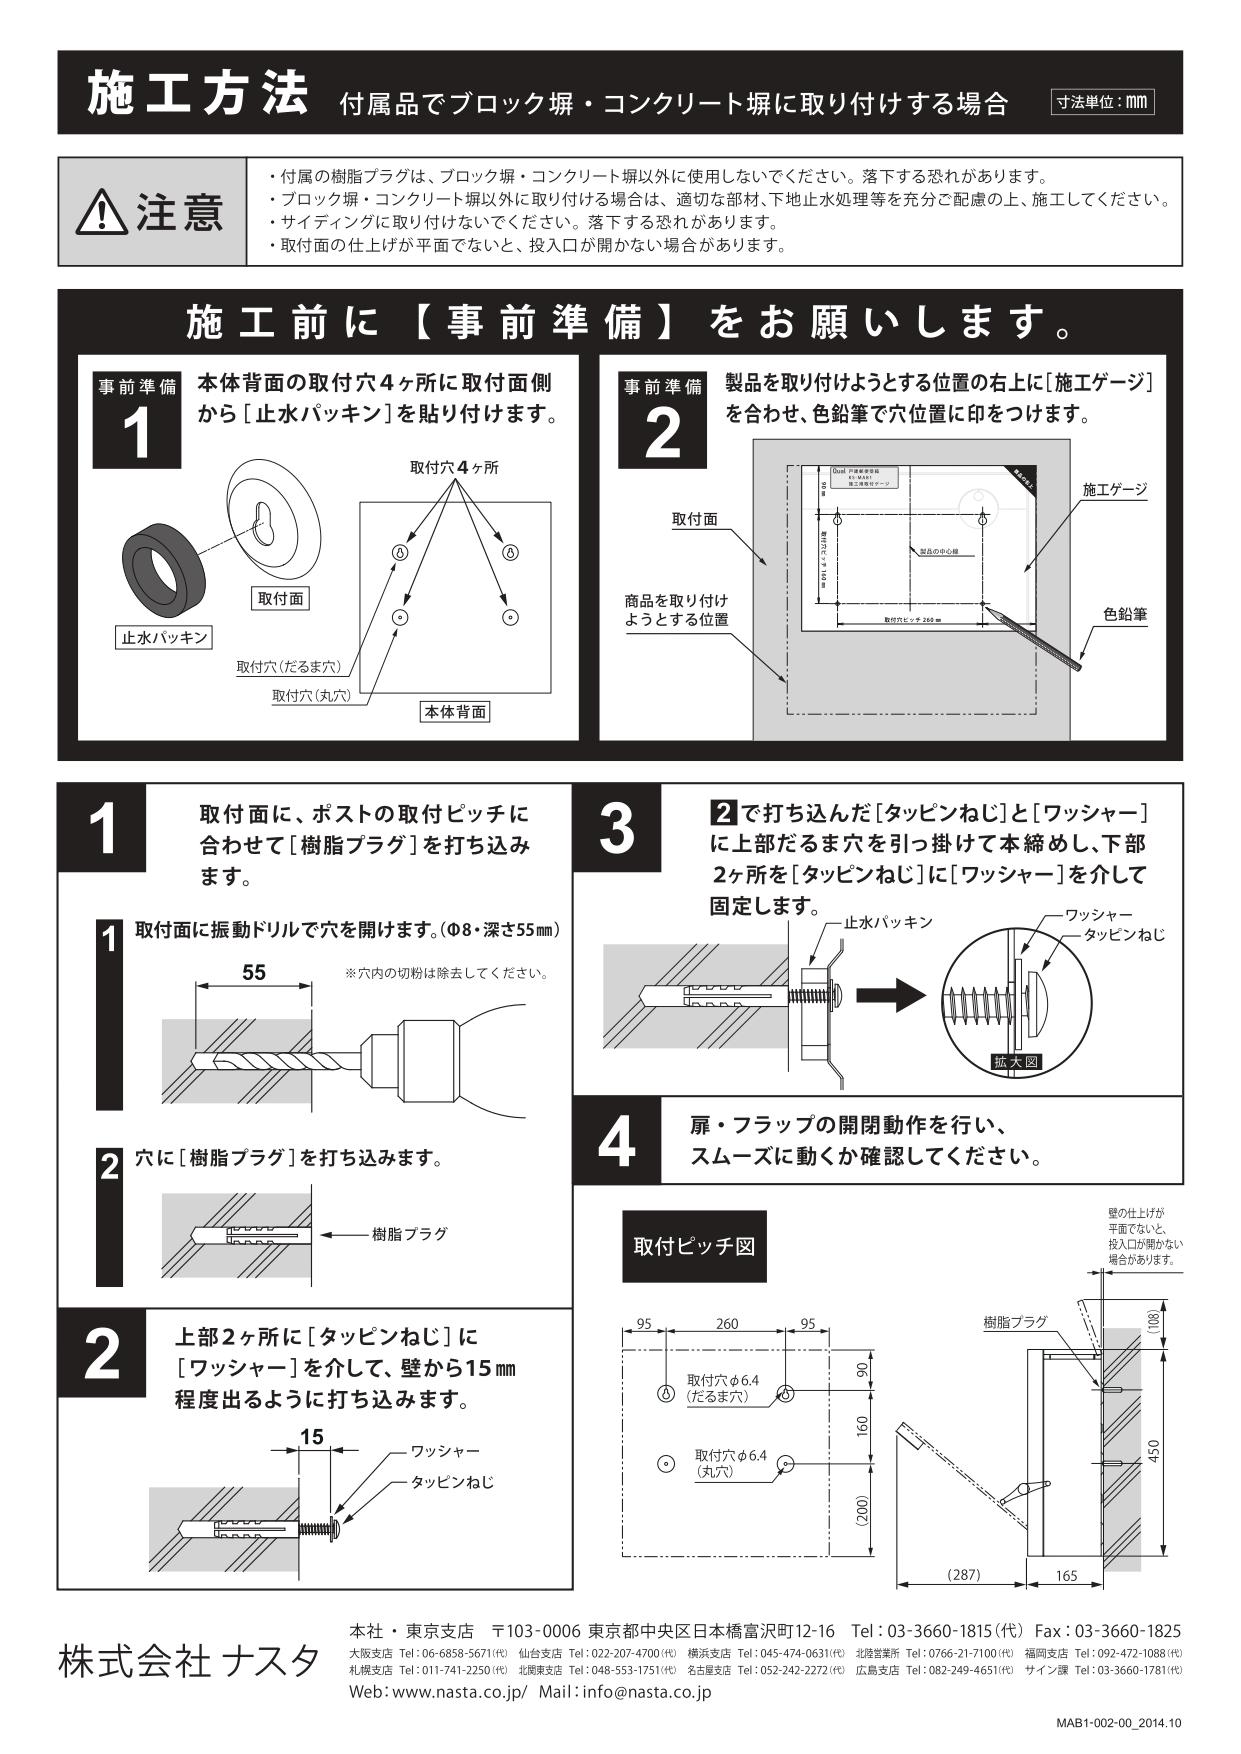 クオール壁付タイプ大型郵便物対応 施工説明書_page-0002